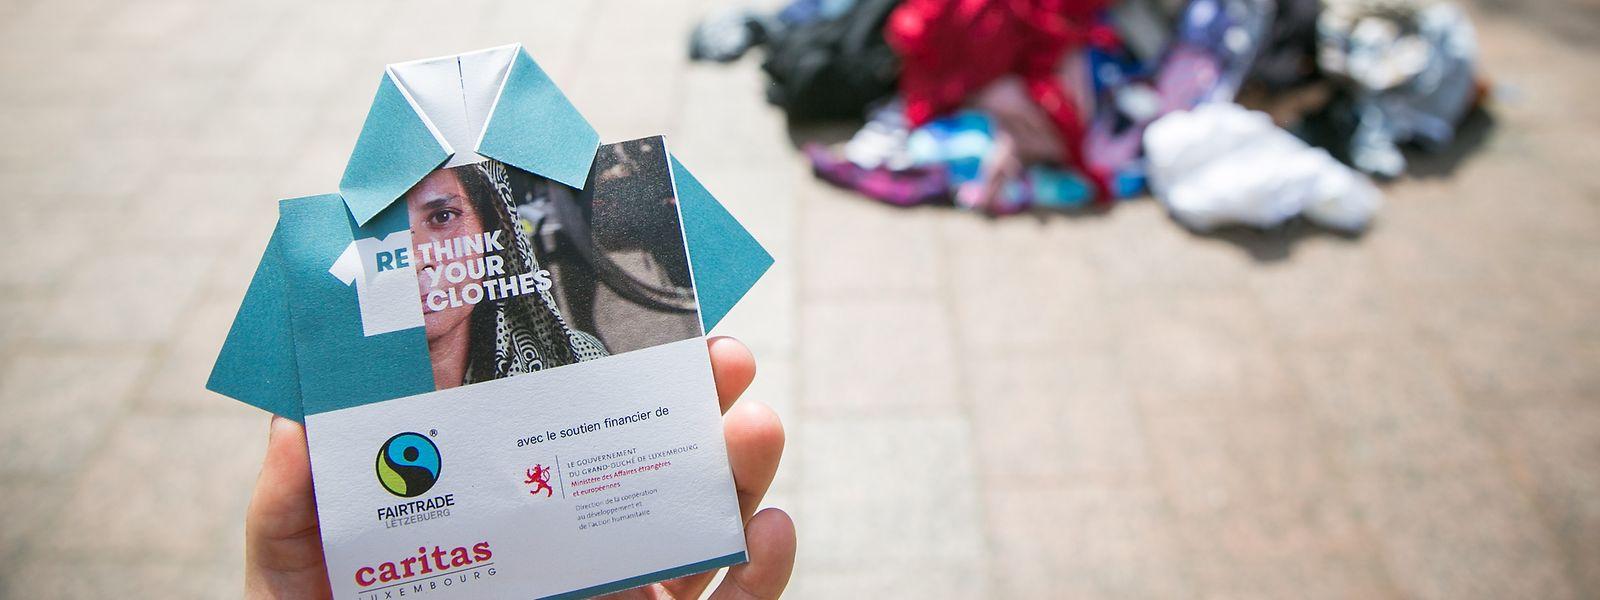 """Im Rahmen der Kampagne """"Rethink your Clothes"""" erinnert die Sensibilisierungsaktion auf der Plëss an die Opfer der Rana-Plaza-Katastrophe."""